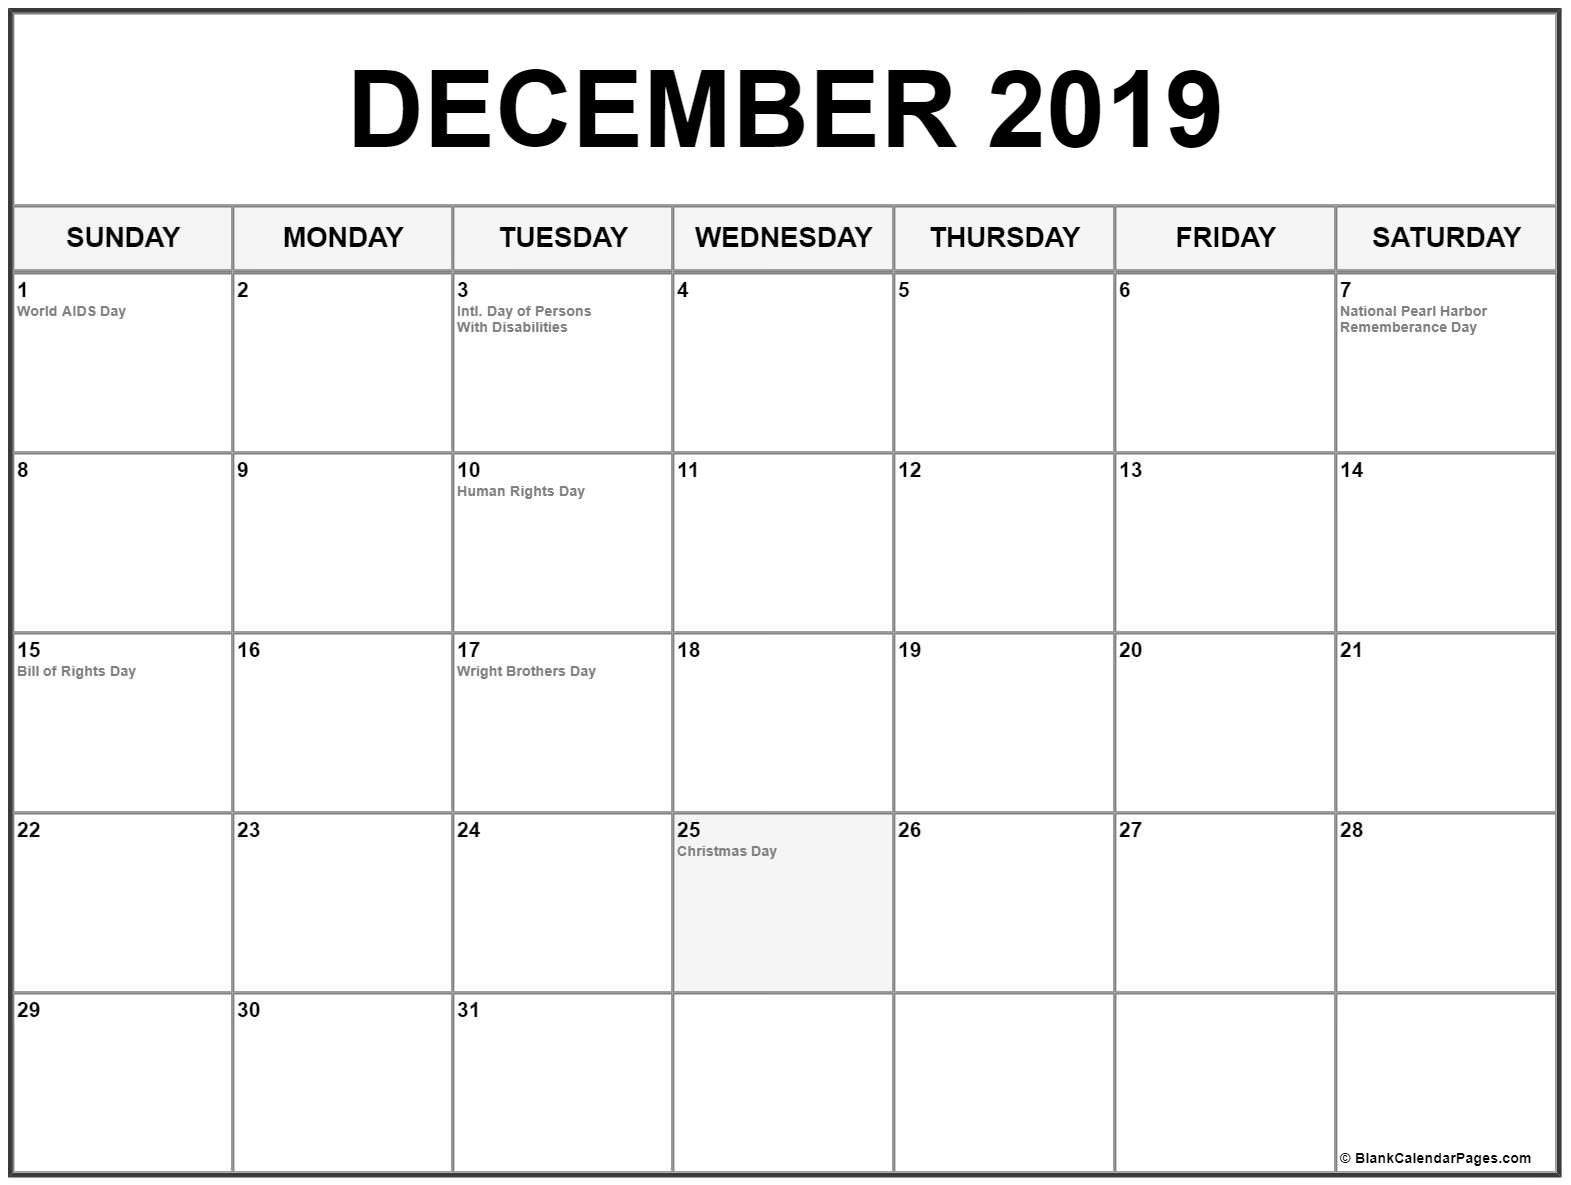 December Calendar 2019 #december #december2019 #december2019Calendar Calendar 2019 Dec